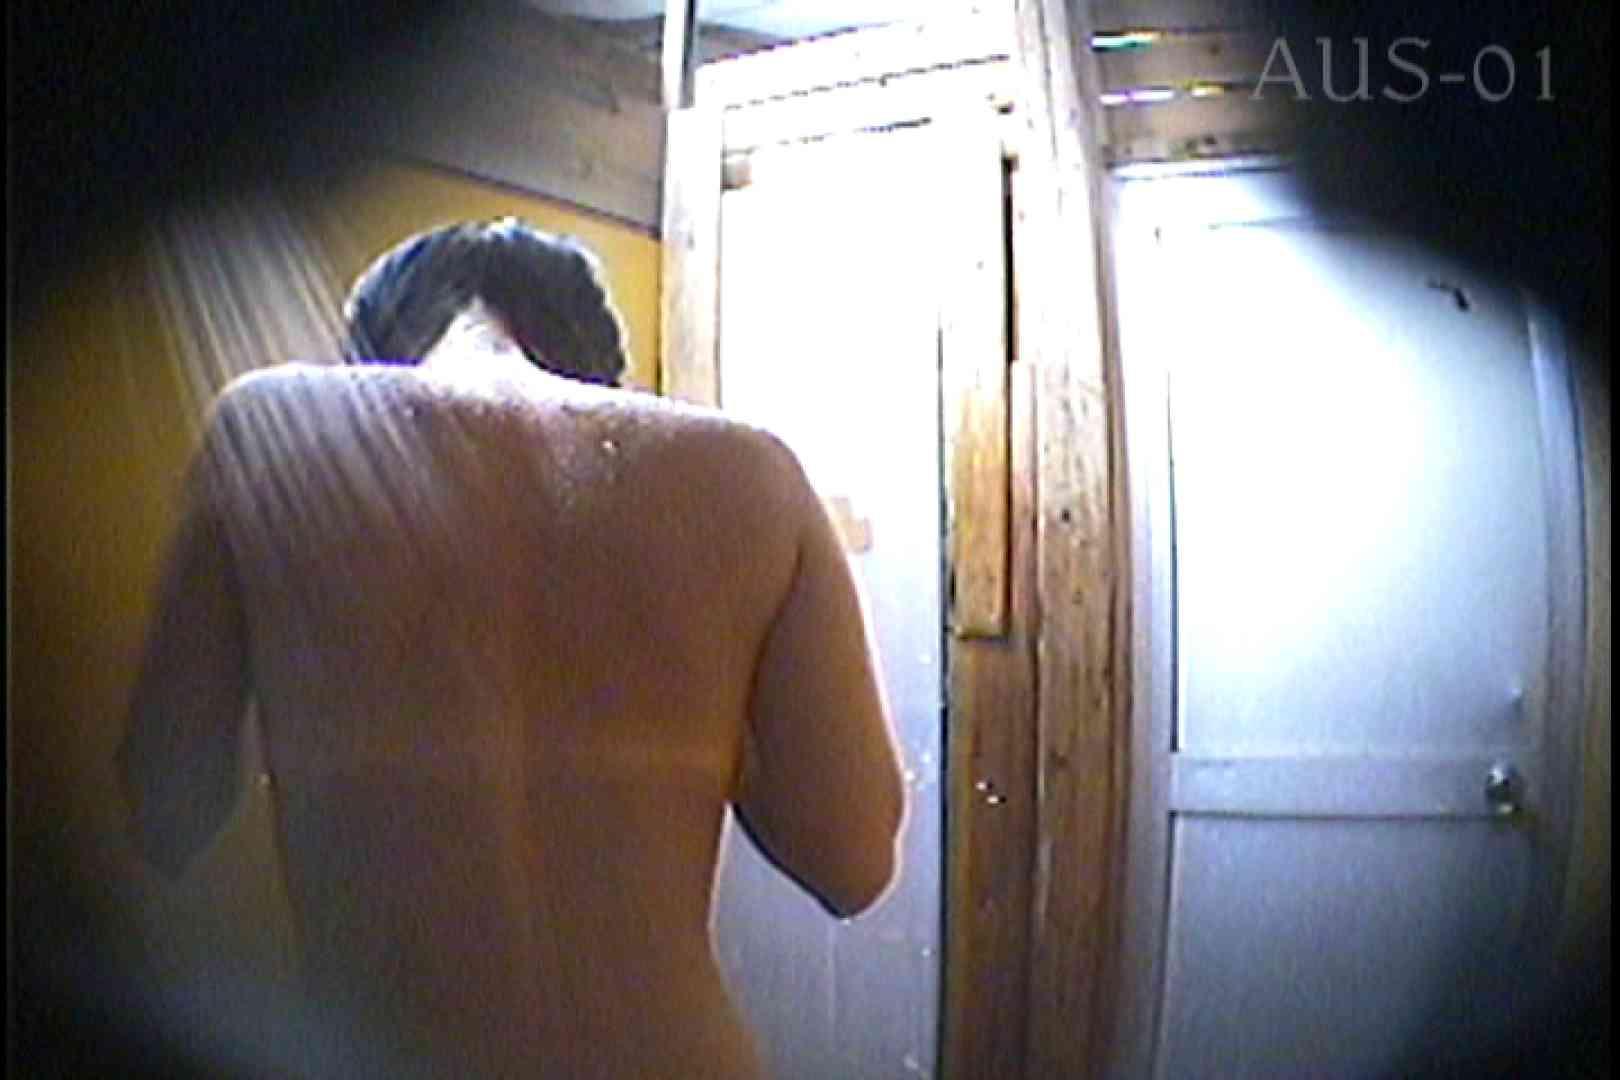 海の家の更衣室 Vol.01 美乳 | 隠れた名作  55画像 25